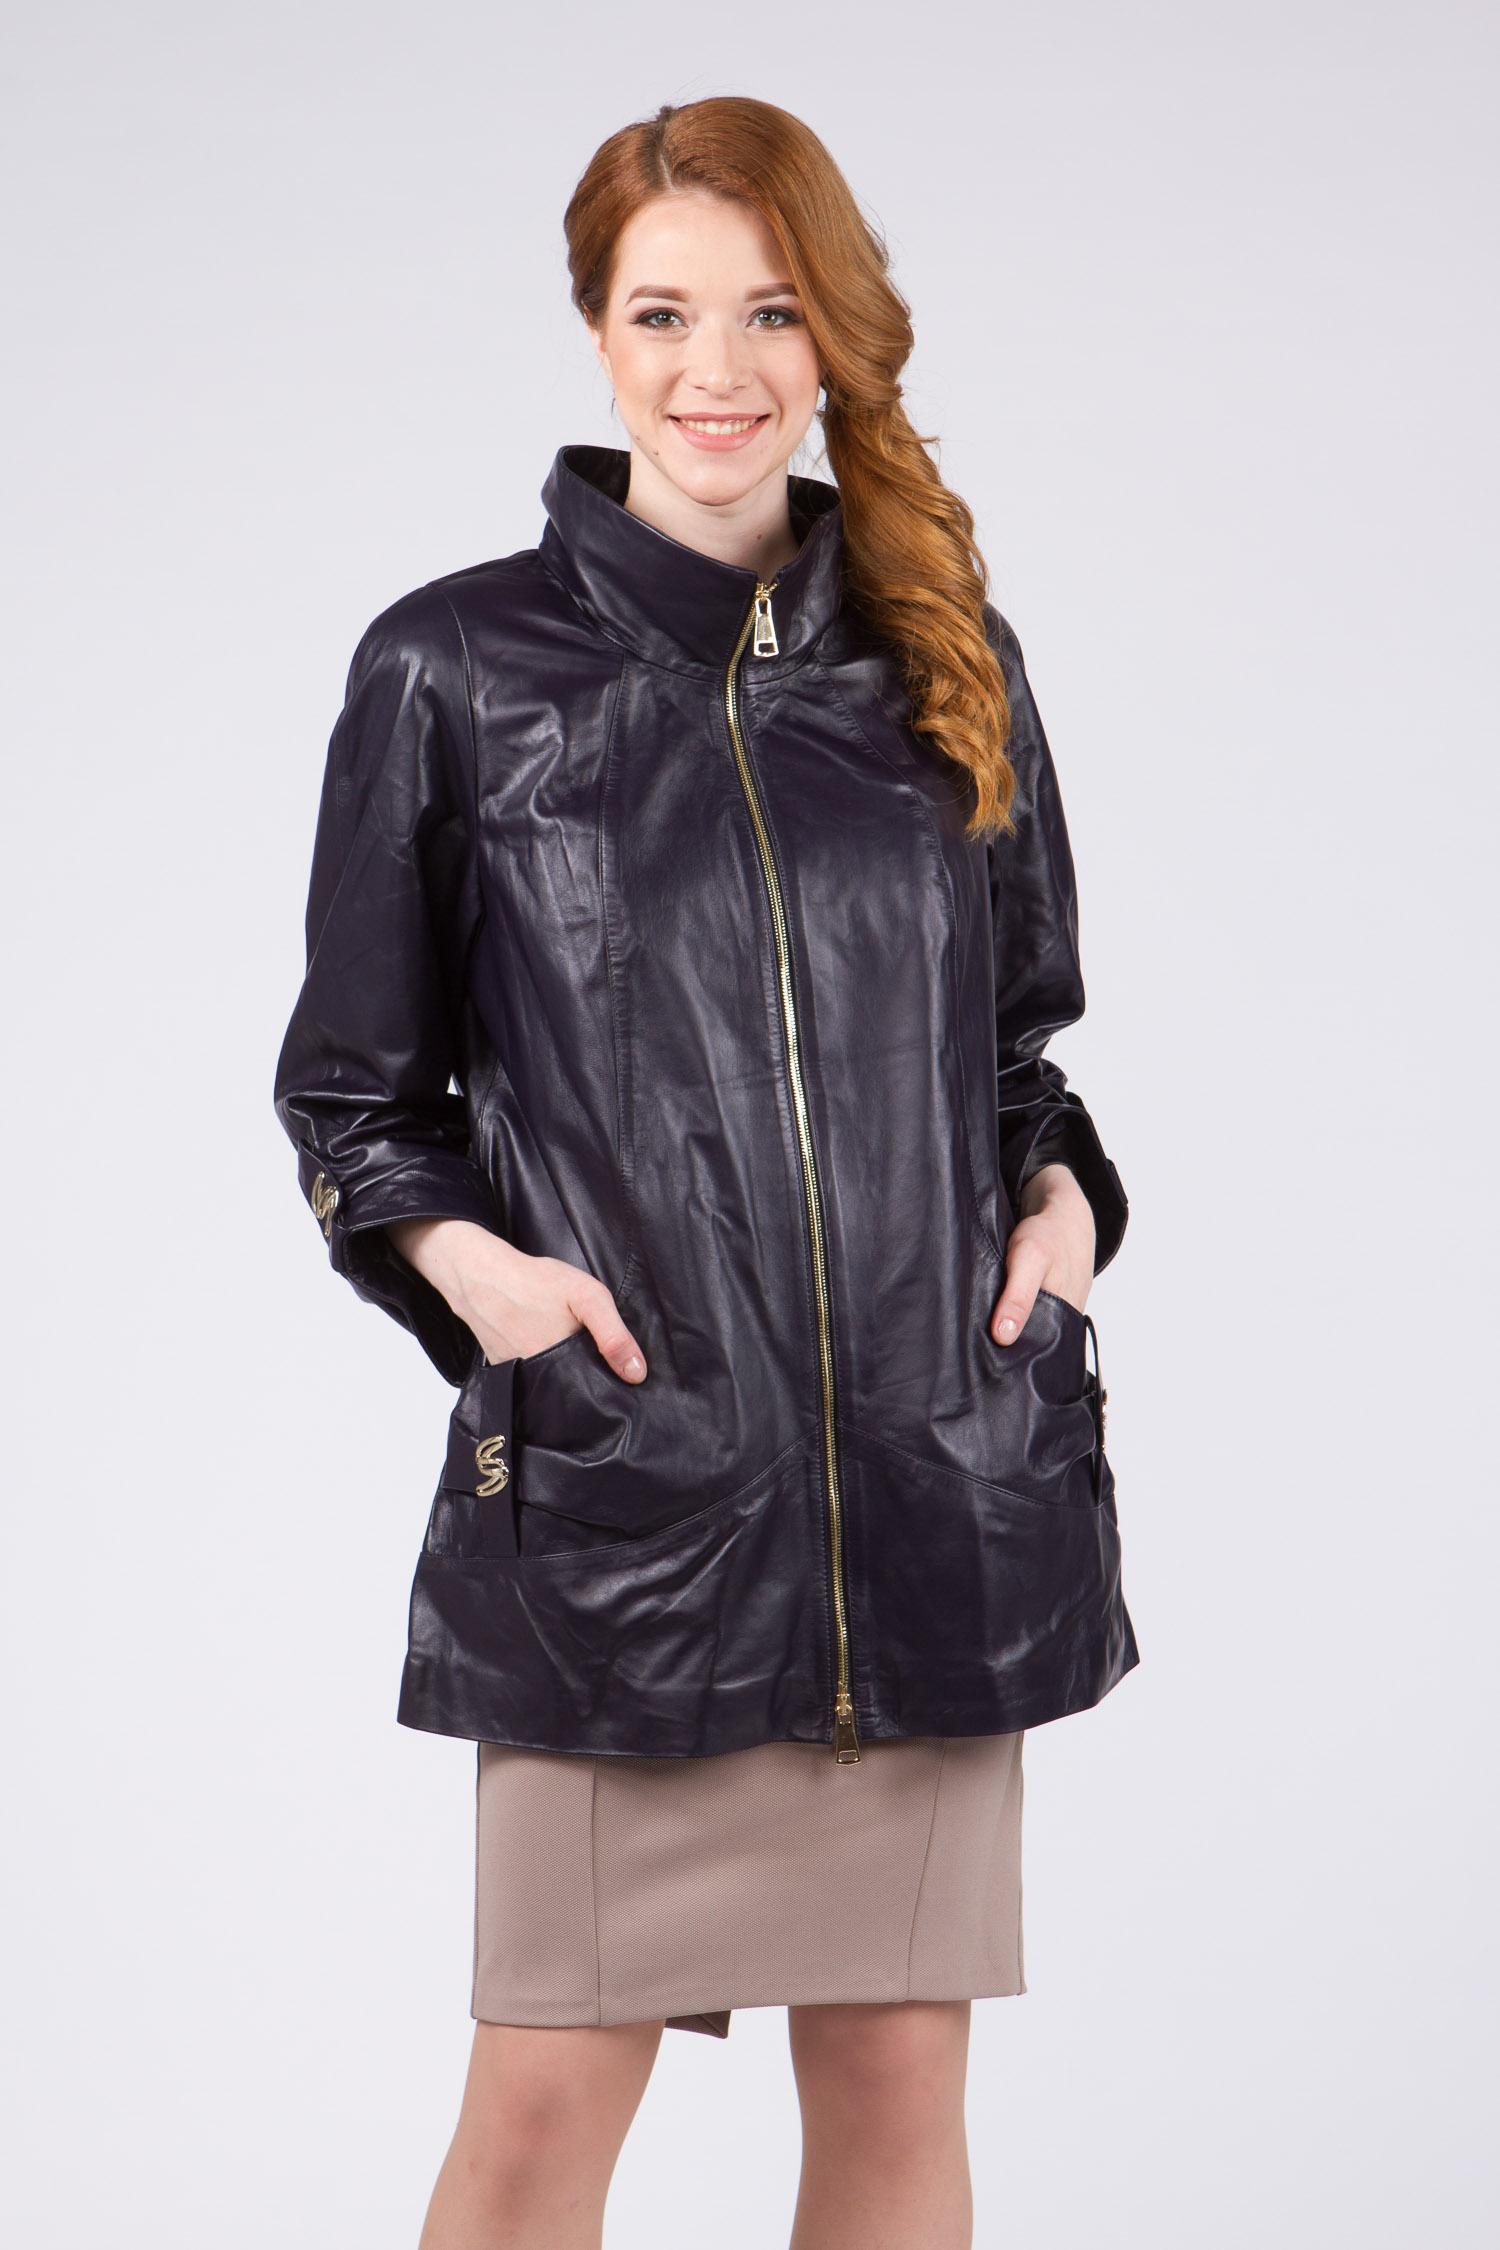 Женская кожаная куртка из натуральной кожи с воротником, без отделки<br><br>Воротник: отложной<br>Длина см: Средняя (75-89 )<br>Материал: Кожа овчина<br>Цвет: фиолетовый<br>Вид застежки: центральная<br>Застежка: на молнии<br>Пол: Женский<br>Размер RU: 62